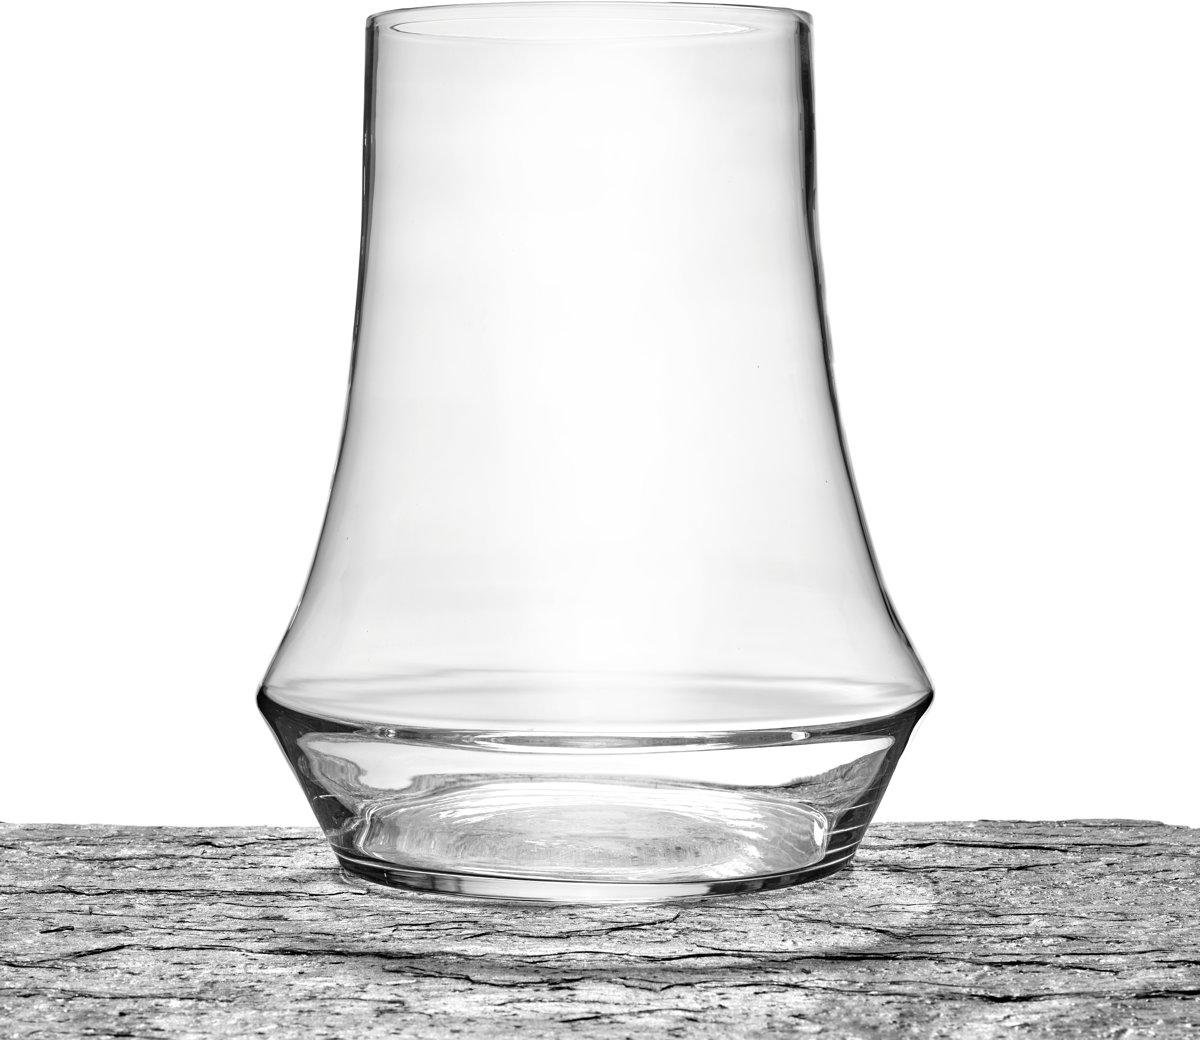 Maison P derrey – Vaas – Decoratief glas – Taps toelopend – Glas – Glaswerk – Mondgeblazen glas